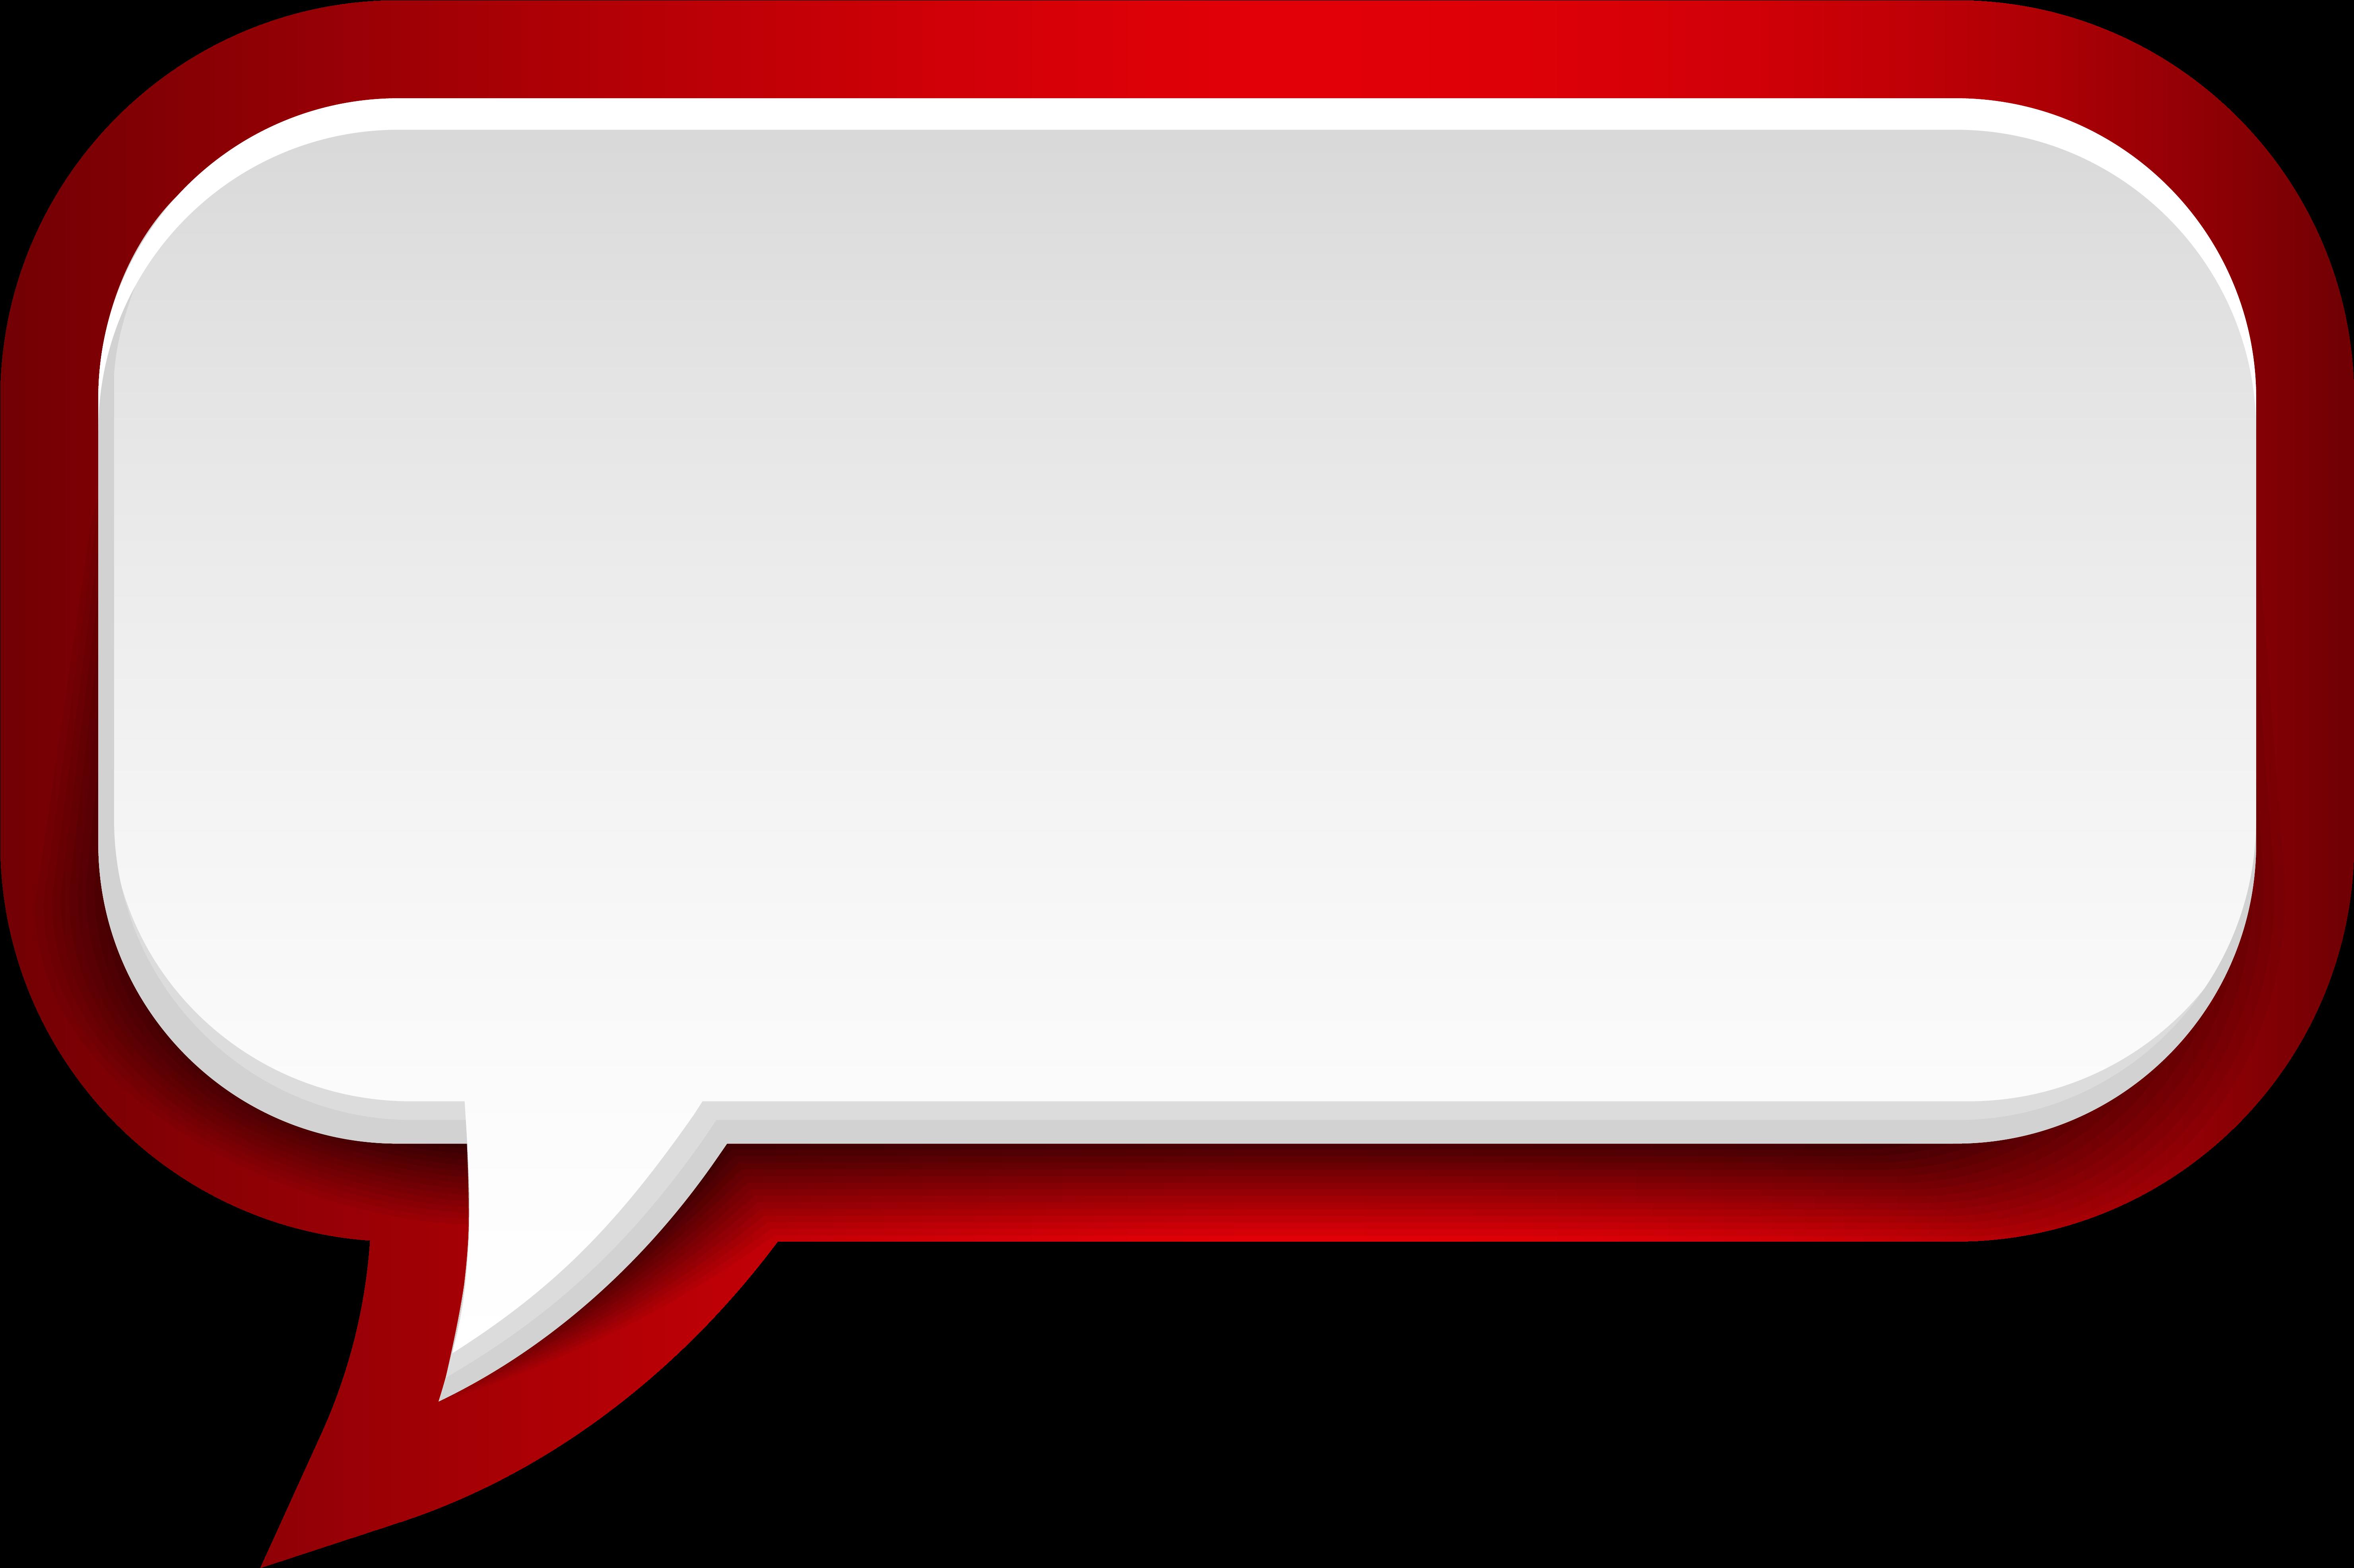 Transparent speech bubble clipart - Speech Bubble Clipart Transparent Background - Red Speech Balloon Png